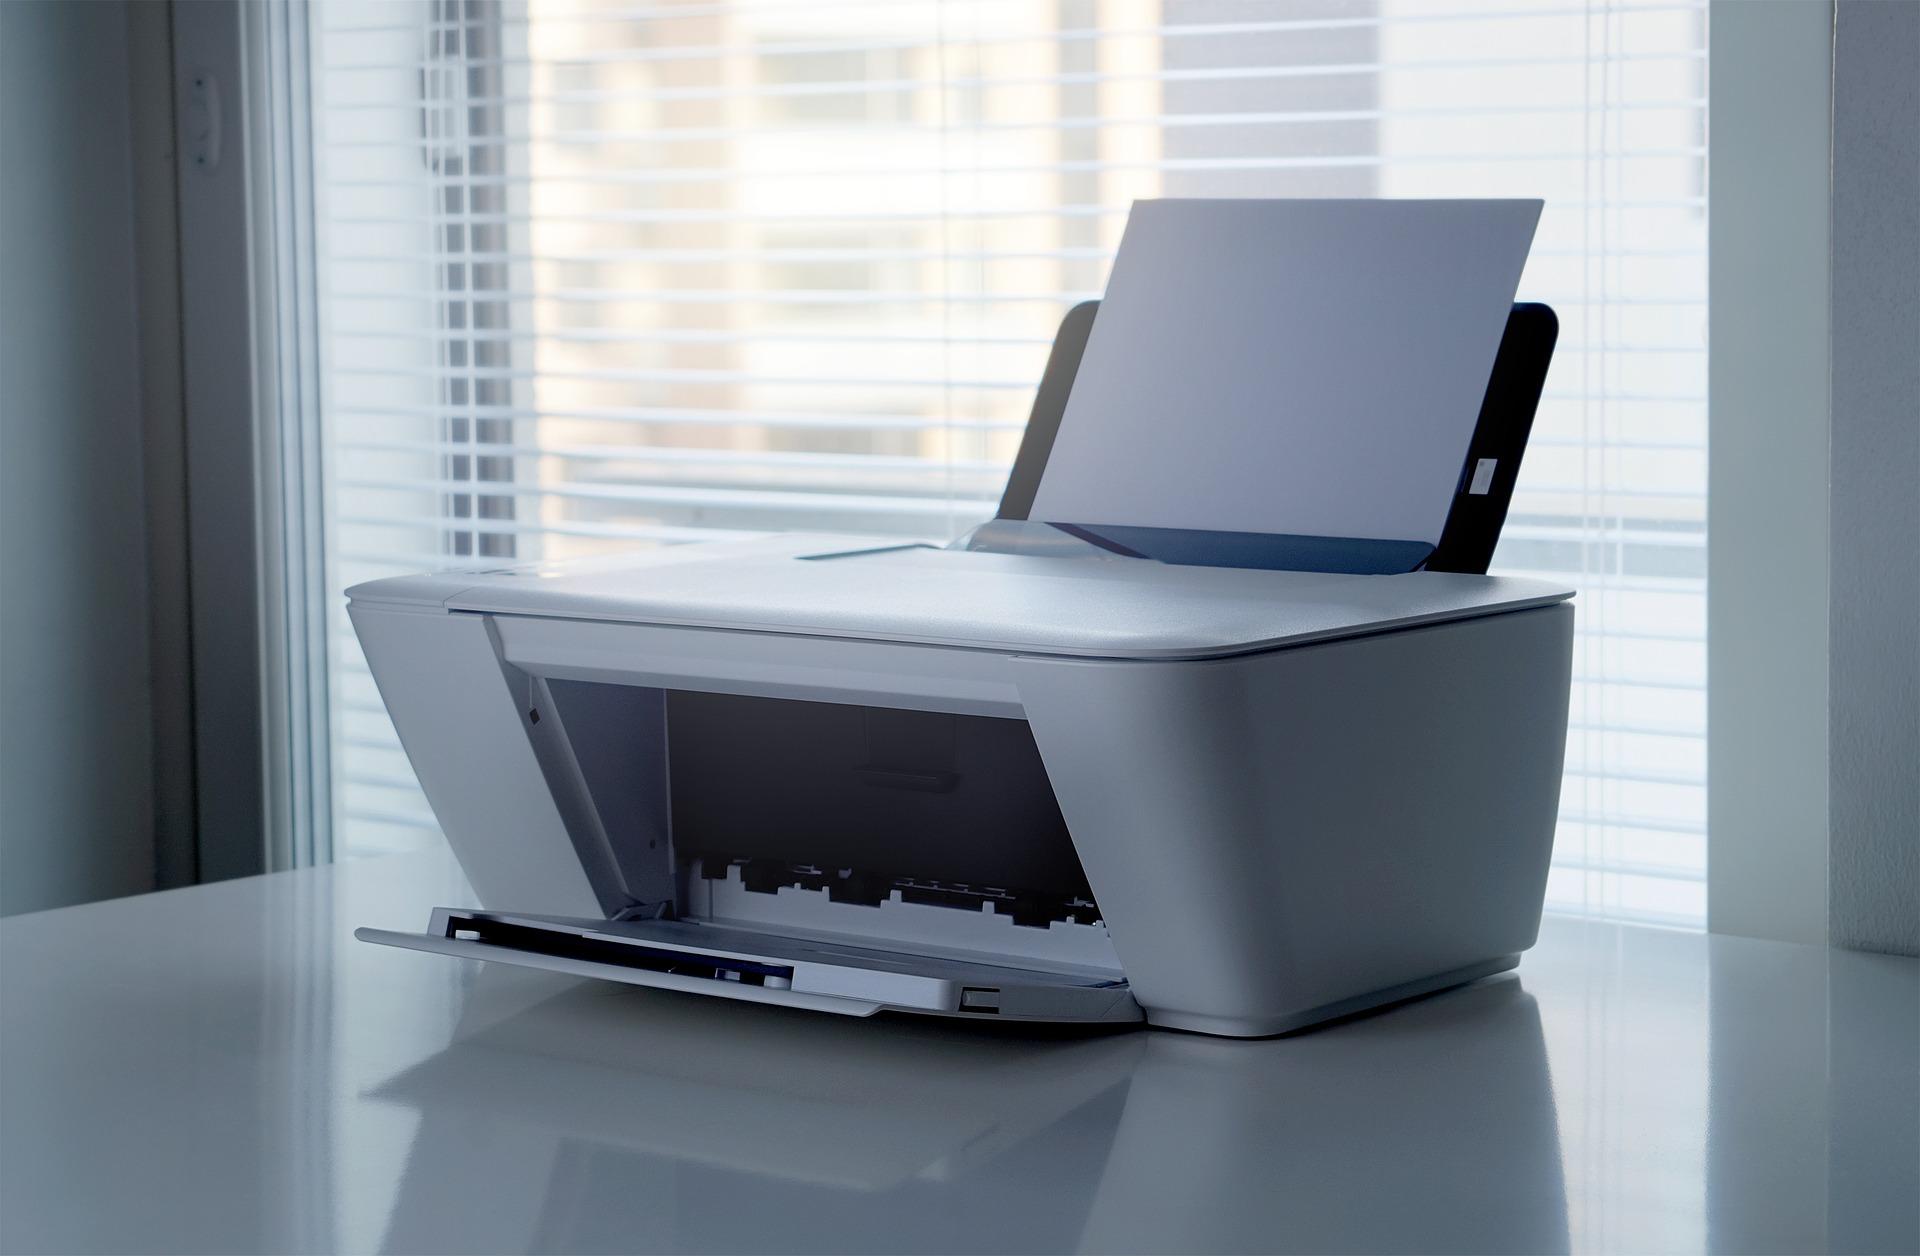 Na co zwrócić uwagę przy zakupie drukarki?